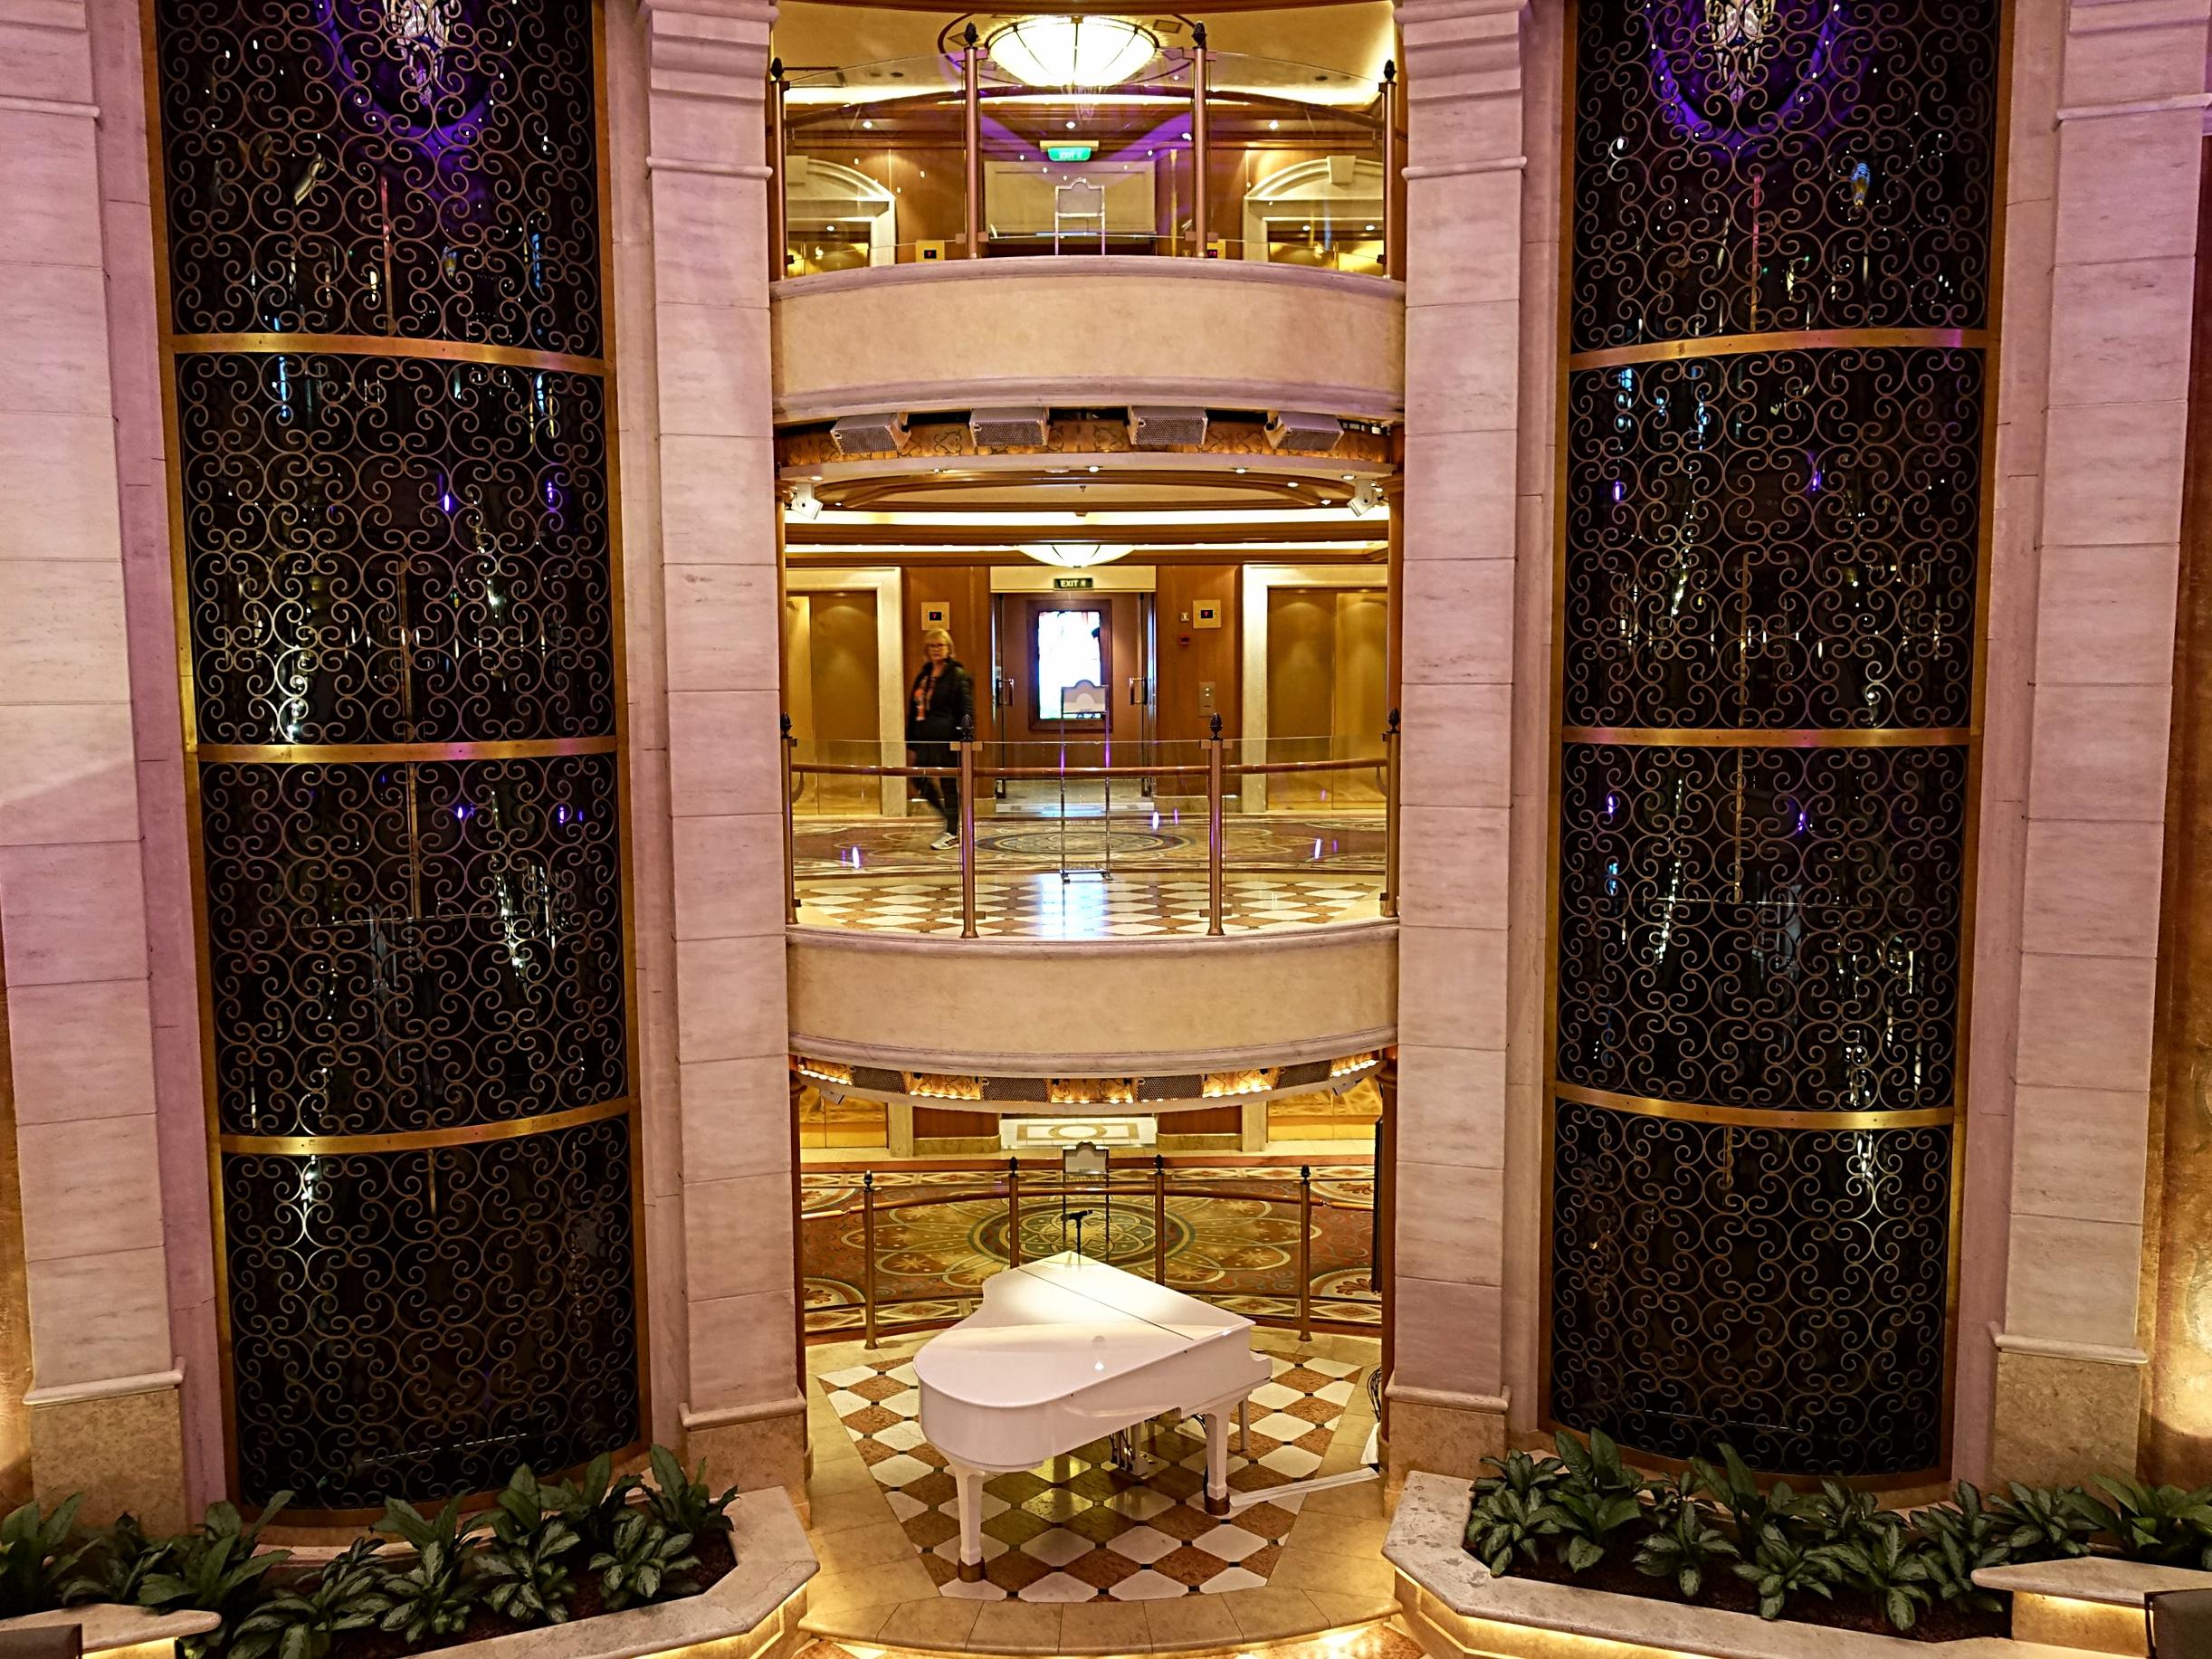 The main atrium and elevators.